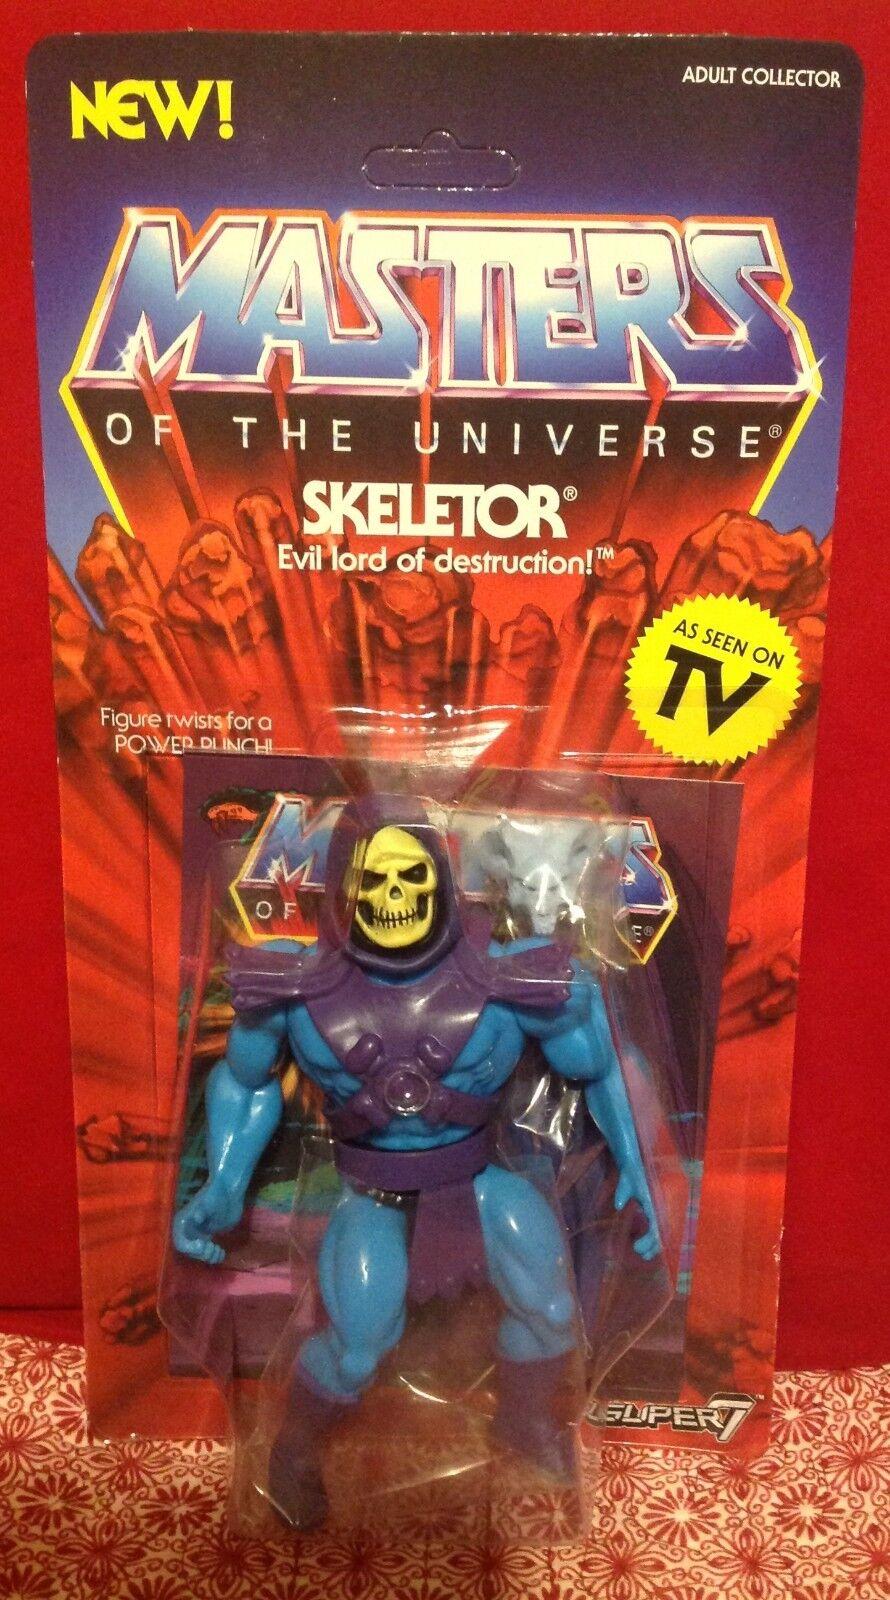 Meister des universums motu erwachsene sammler wie im fernsehen skeletor abbildung